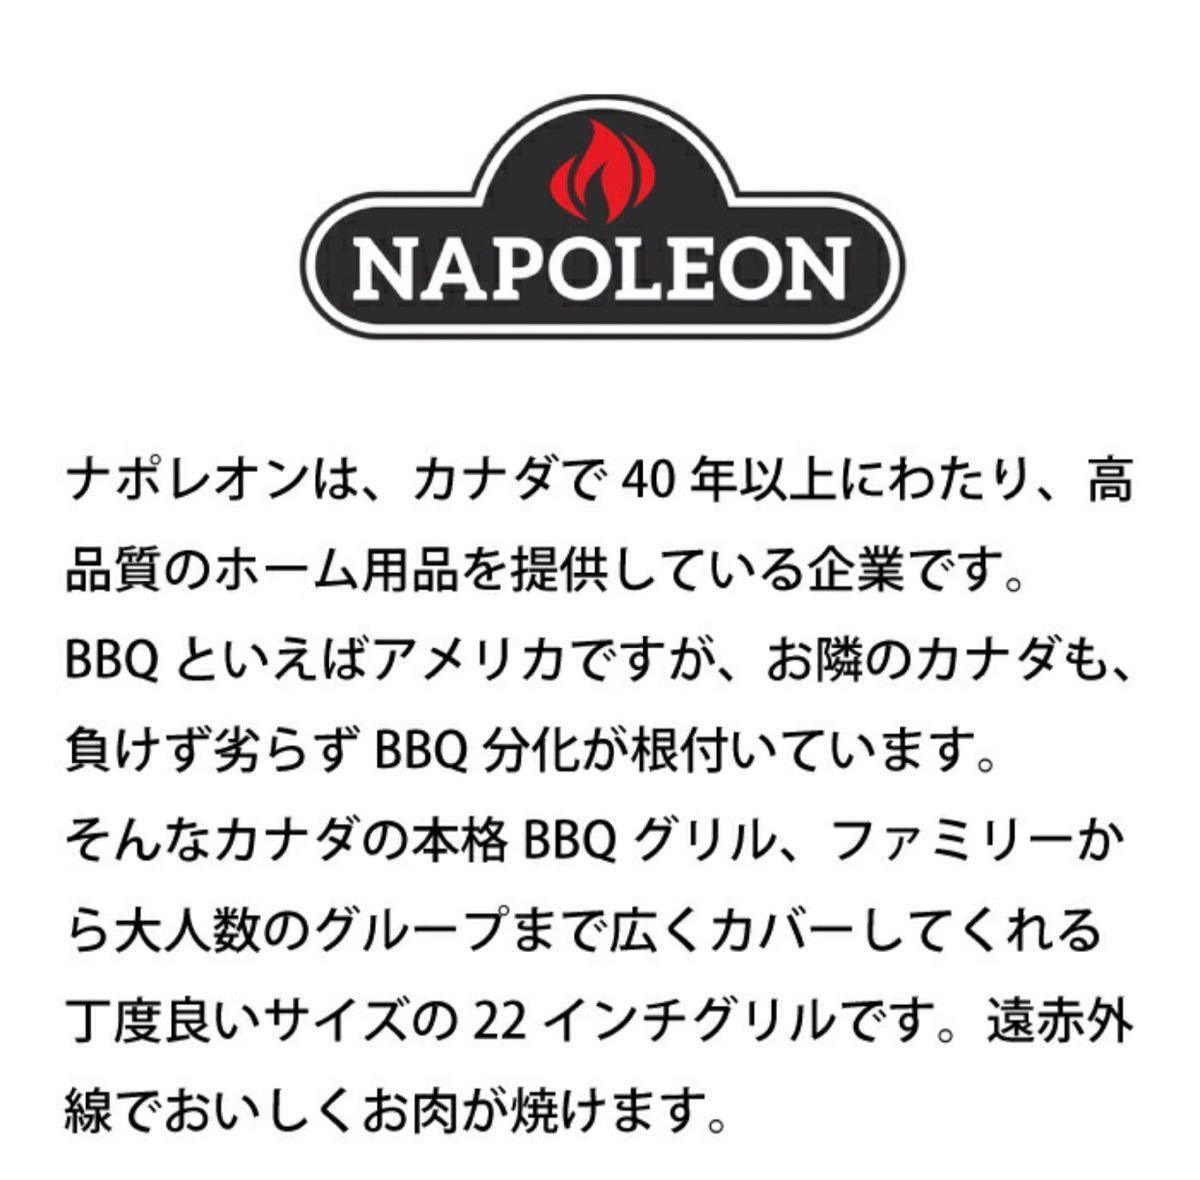 BBQ バーベキューグリル ナポレオン アウトドア